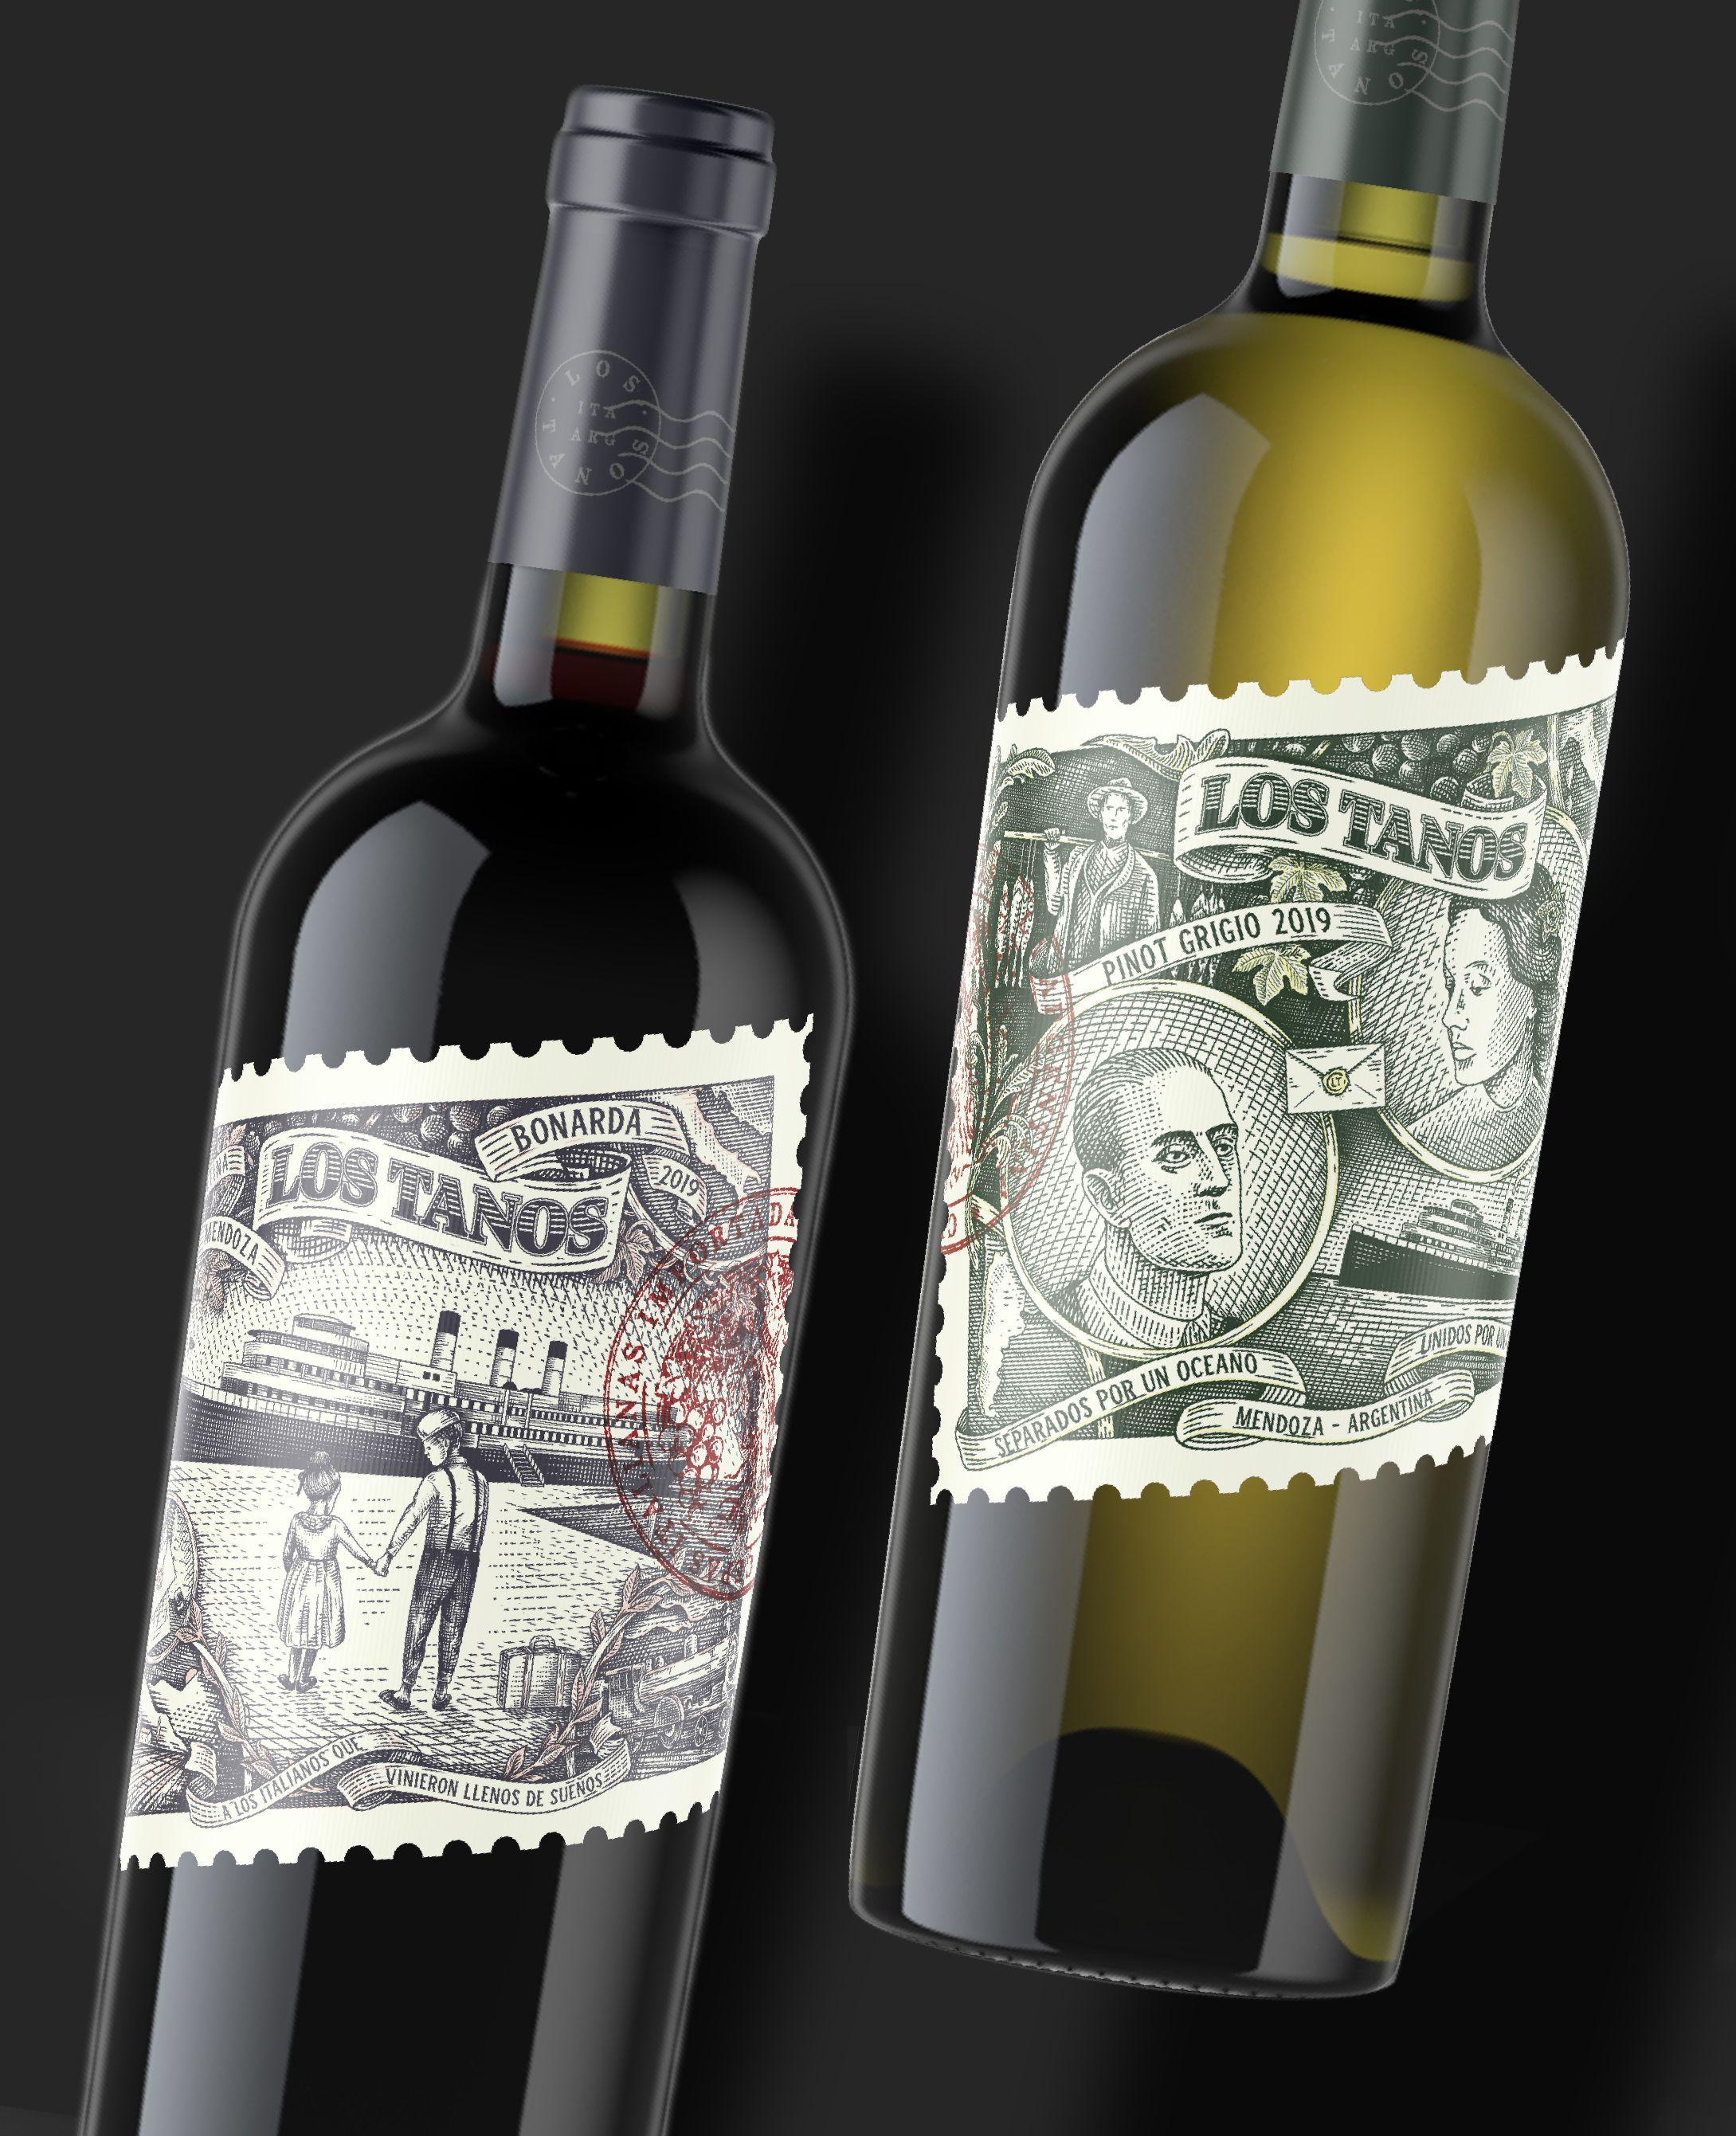 LOS TANOS Wine Label